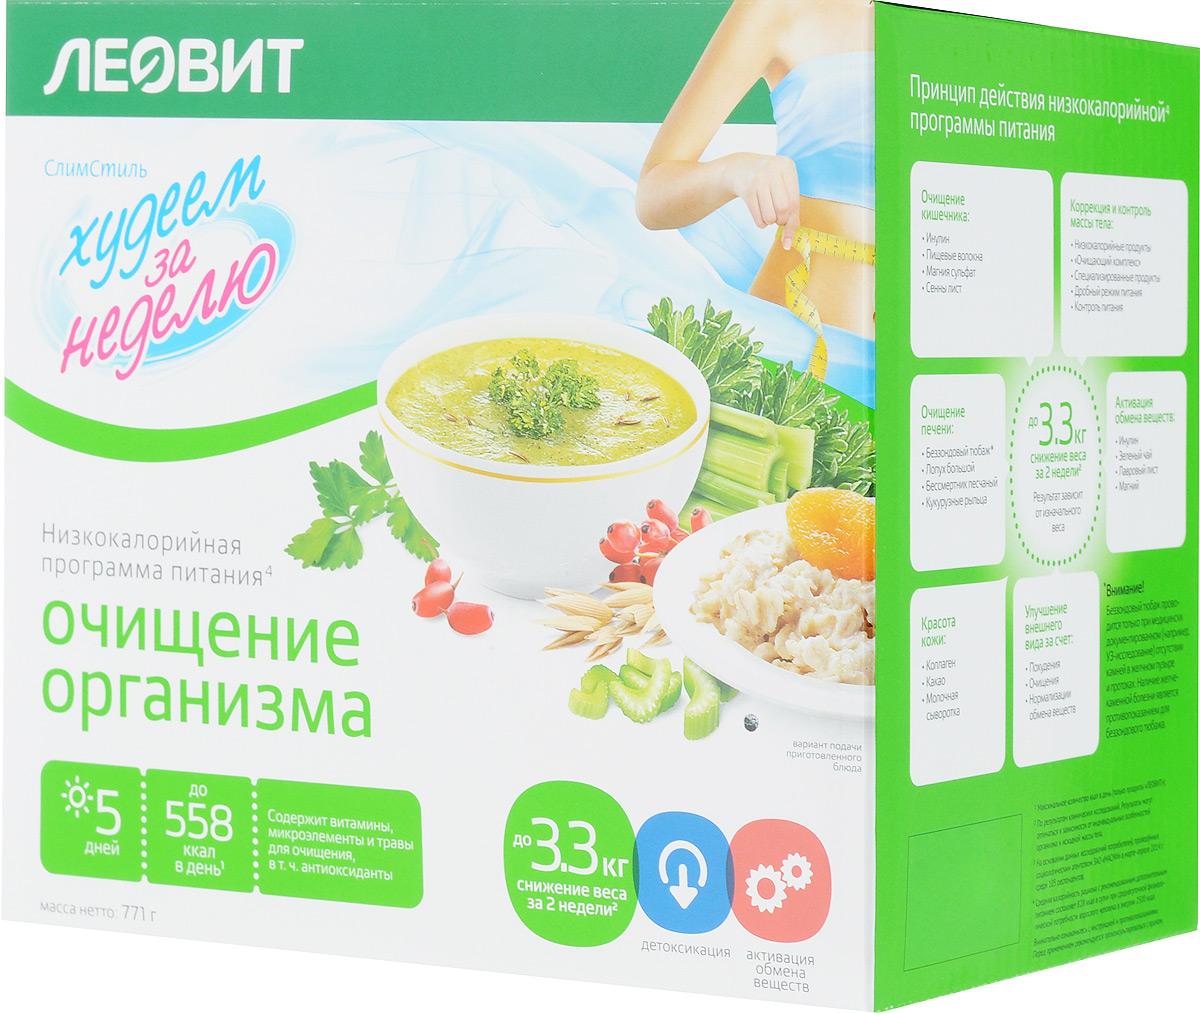 Программы питания для снижения веса